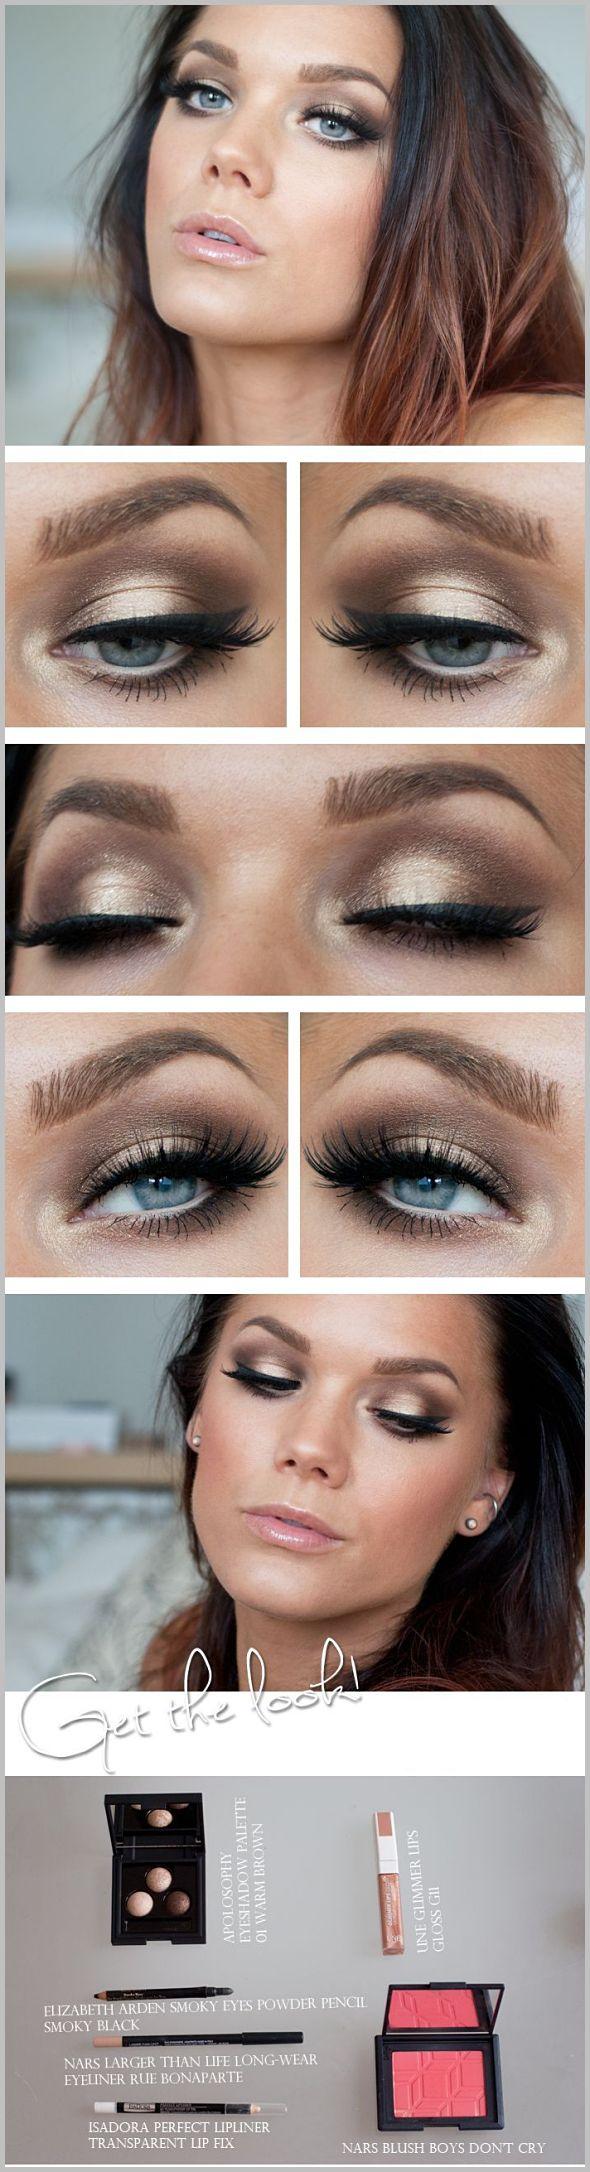 مجموعه کامل از مدل های جدید آرایش چشم و آرایش ابرو